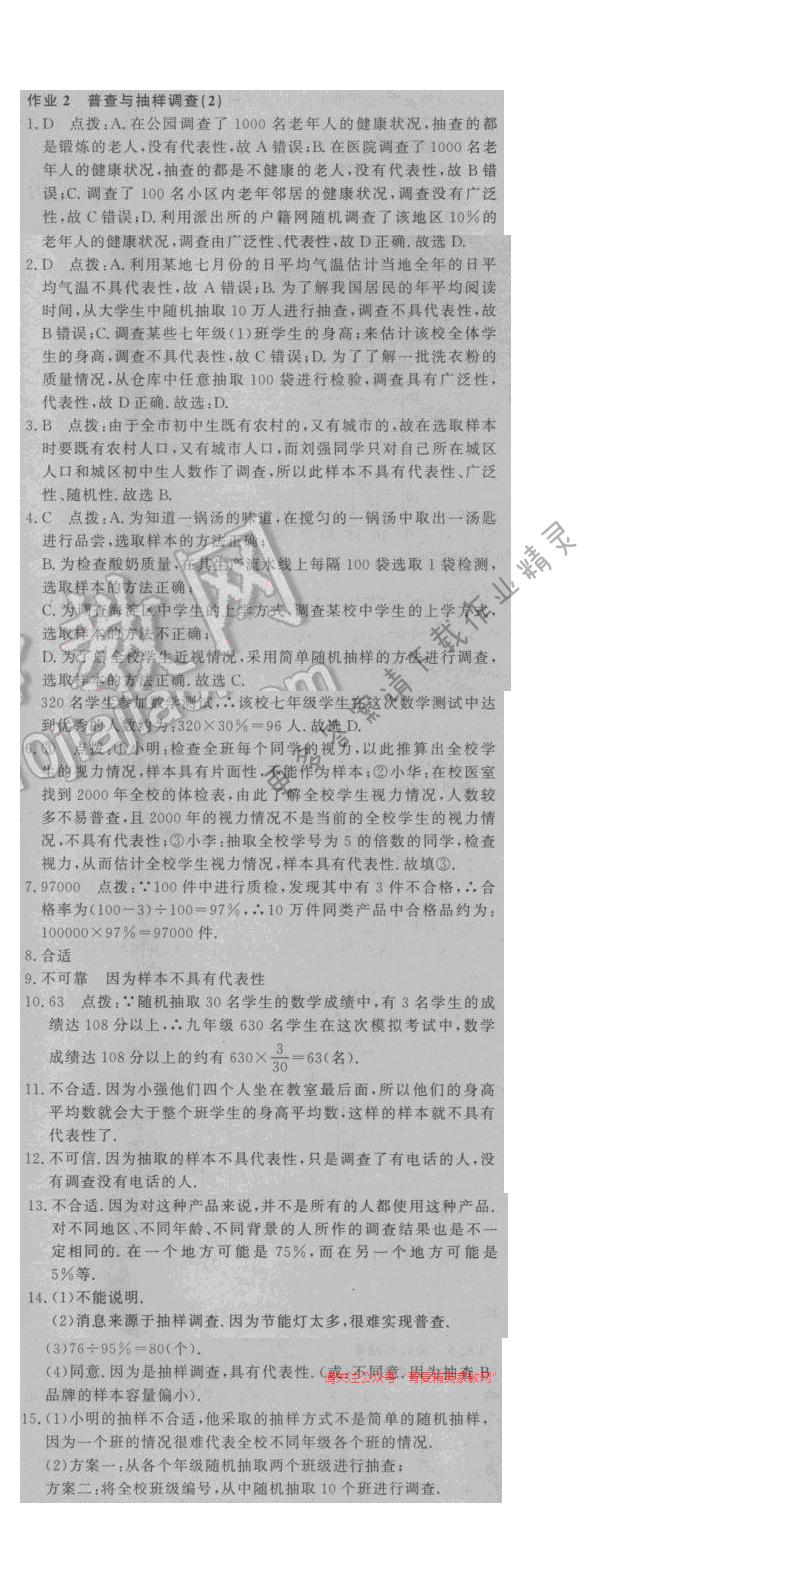 2016年启东中学作业本八年级数学下册江苏版 第七章 作业2